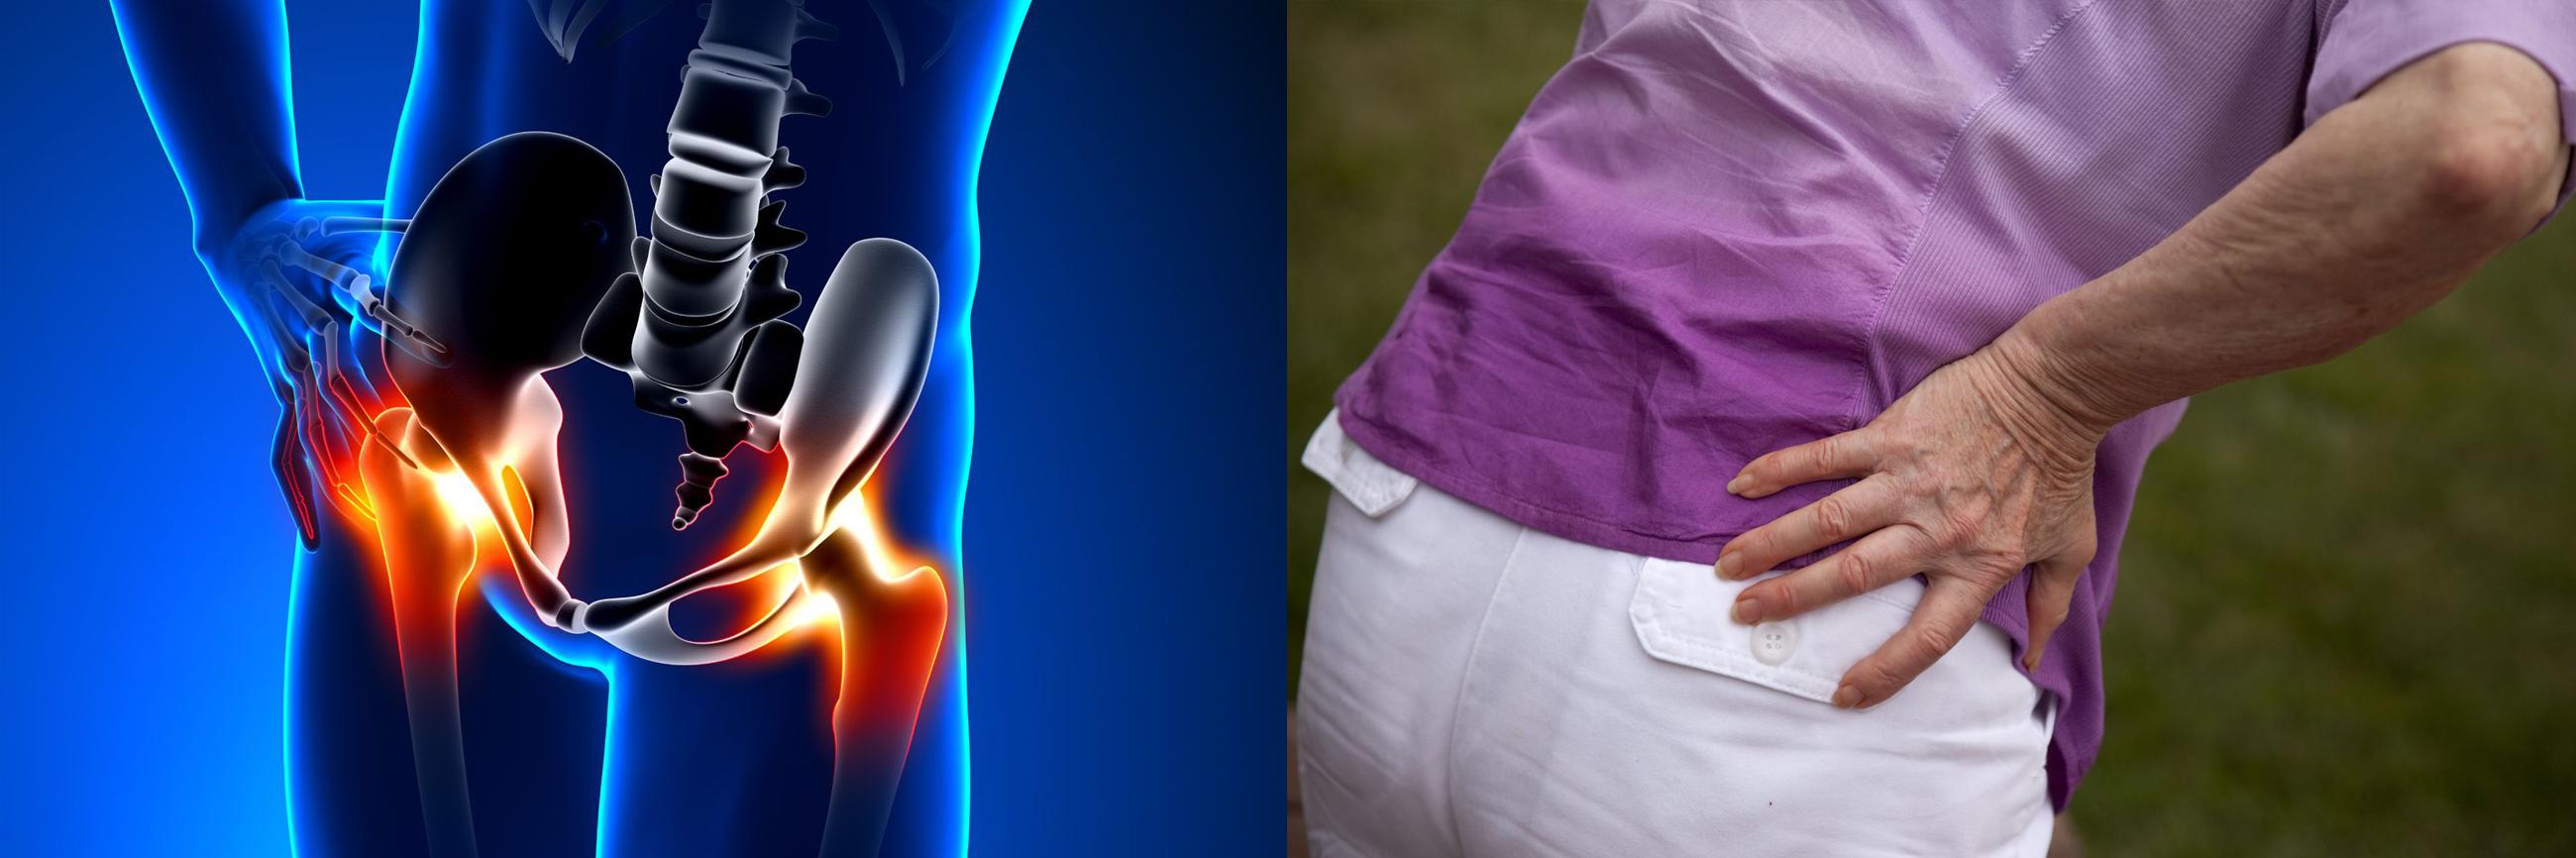 ortopéd fájdalom a csípőízületben)